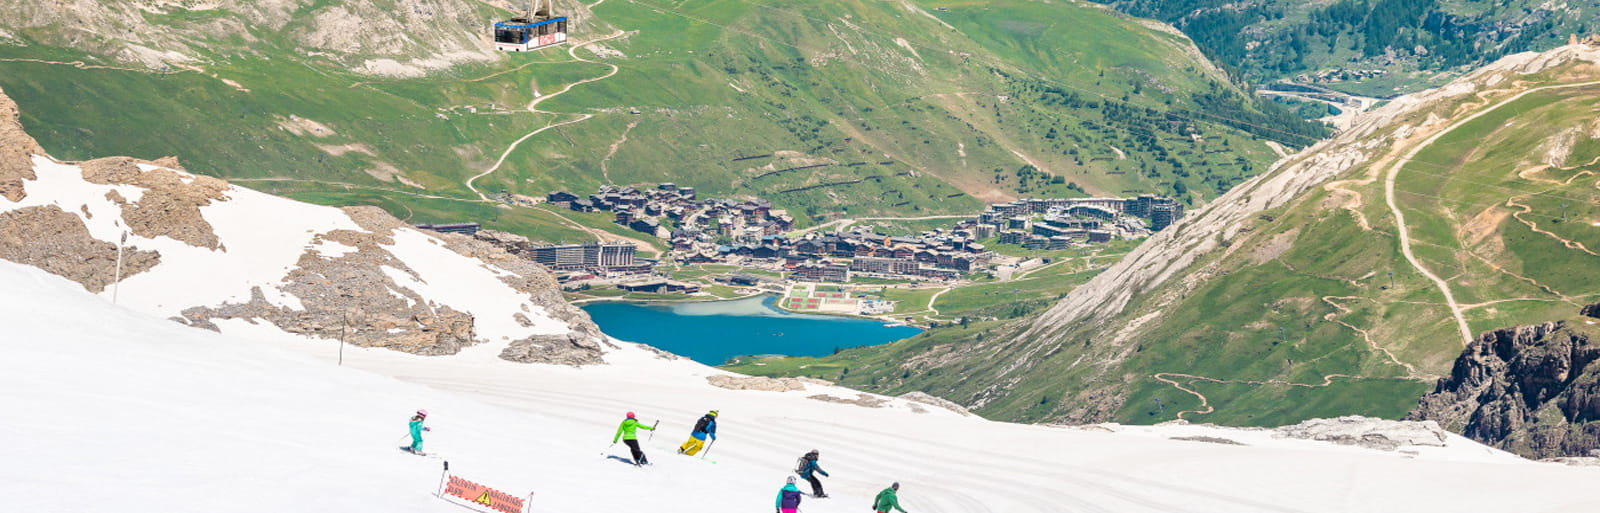 Cet été il est possible de skier à 3000m d'altitude sous le soleil de Tignes